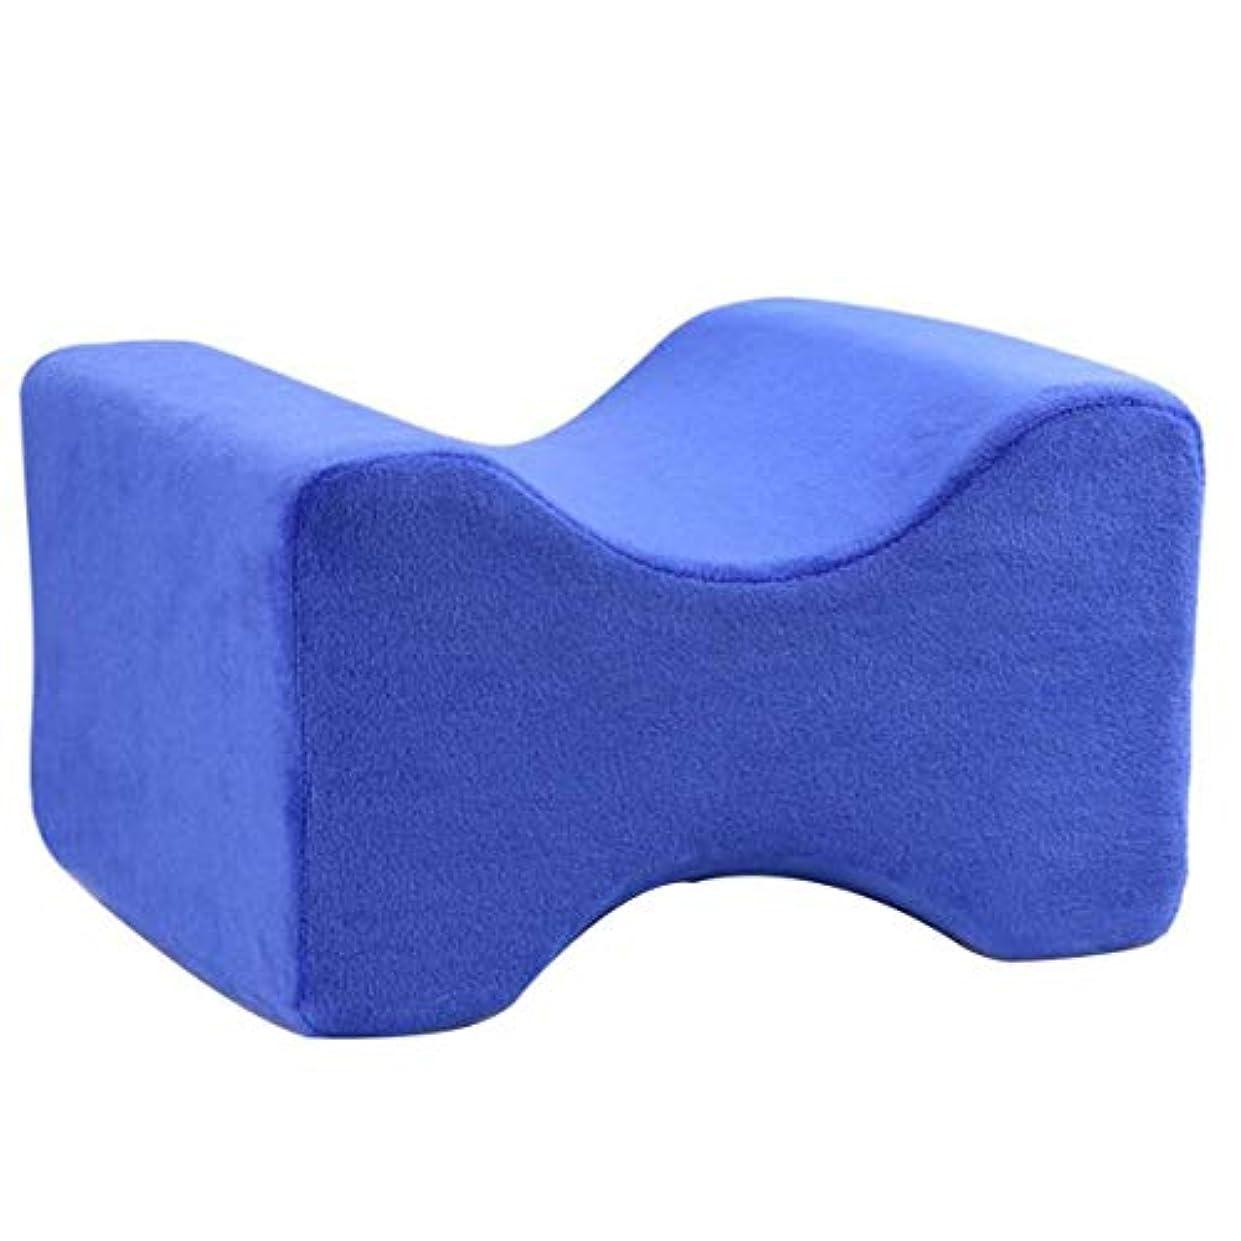 レモン収容する屋内でIntercoreyソフト枕膝枕クリップ足低反発ウェッジ遅いリバウンド低反発綿クランプマッサージ枕用男性女性